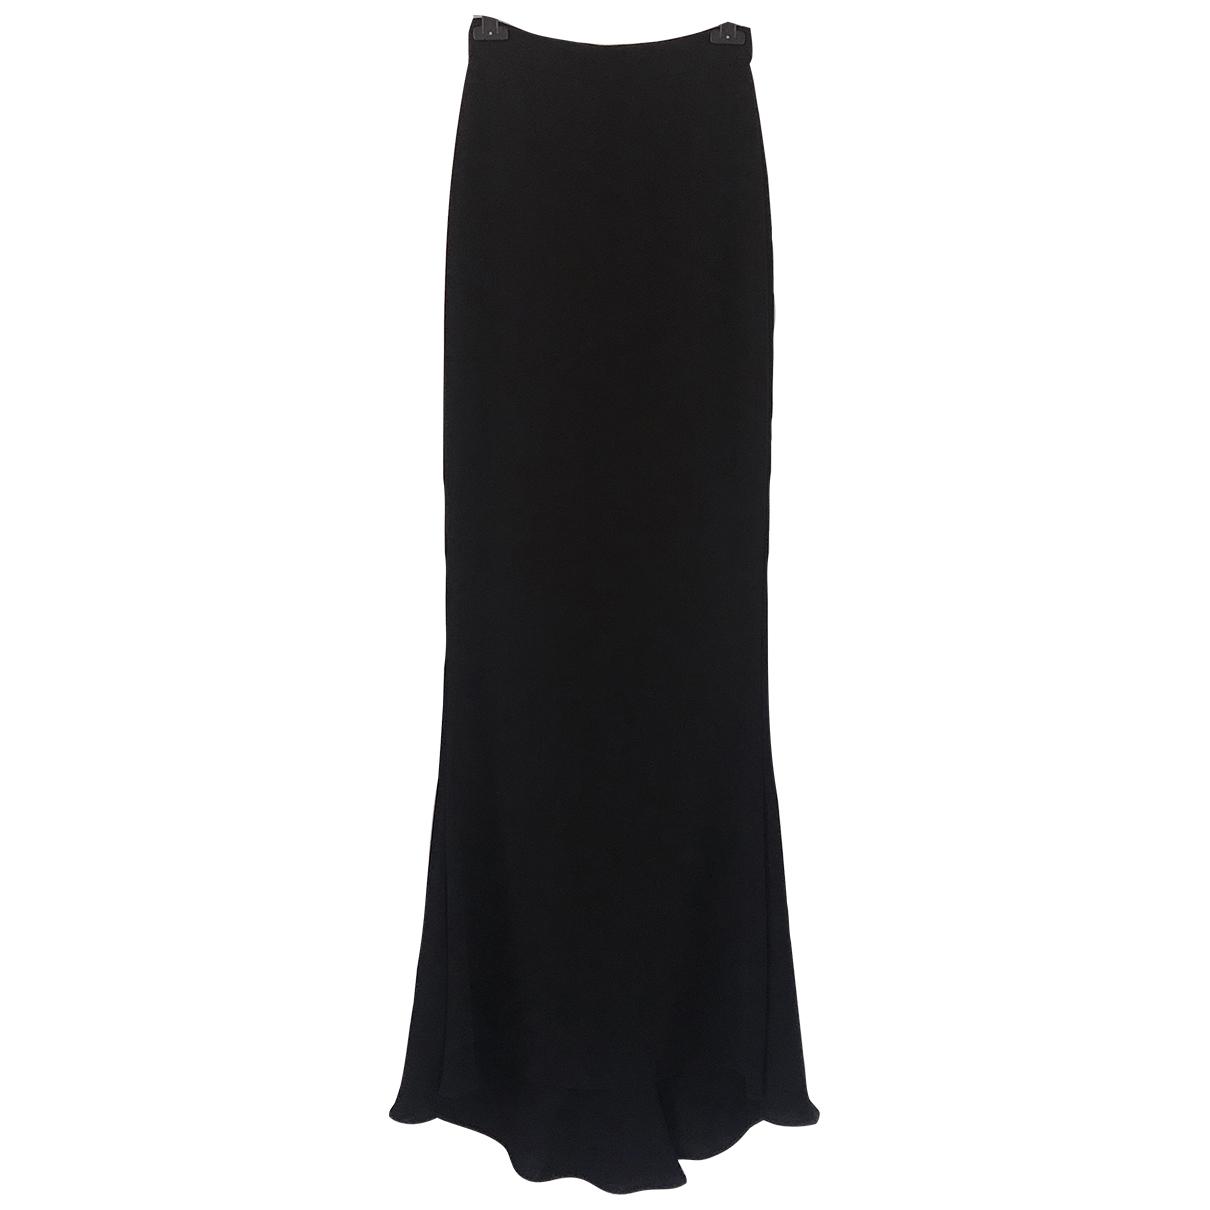 Max Mara \N Black skirt for Women 38 IT